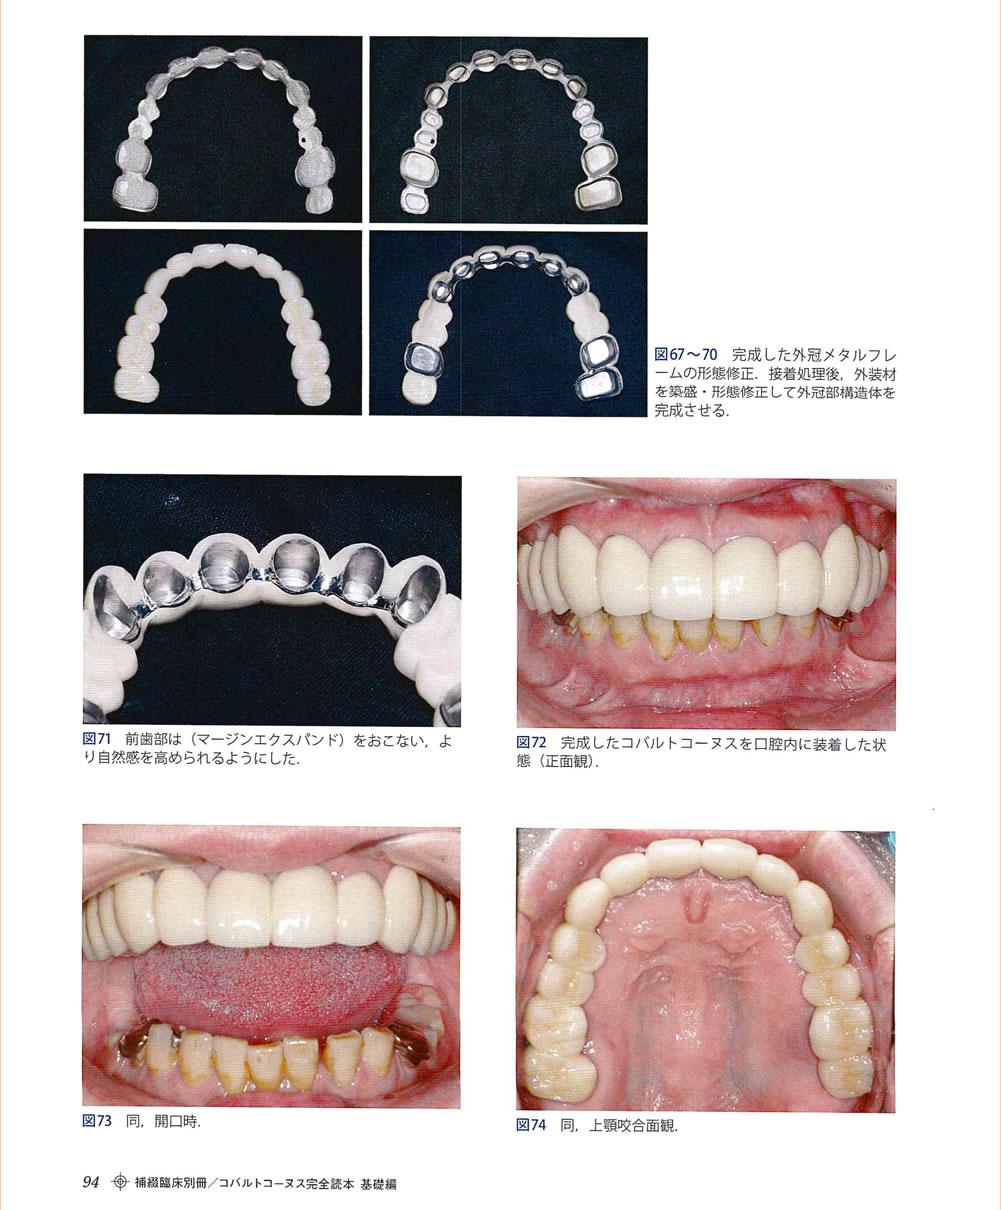 コバルトコーヌスクローネ義歯症例